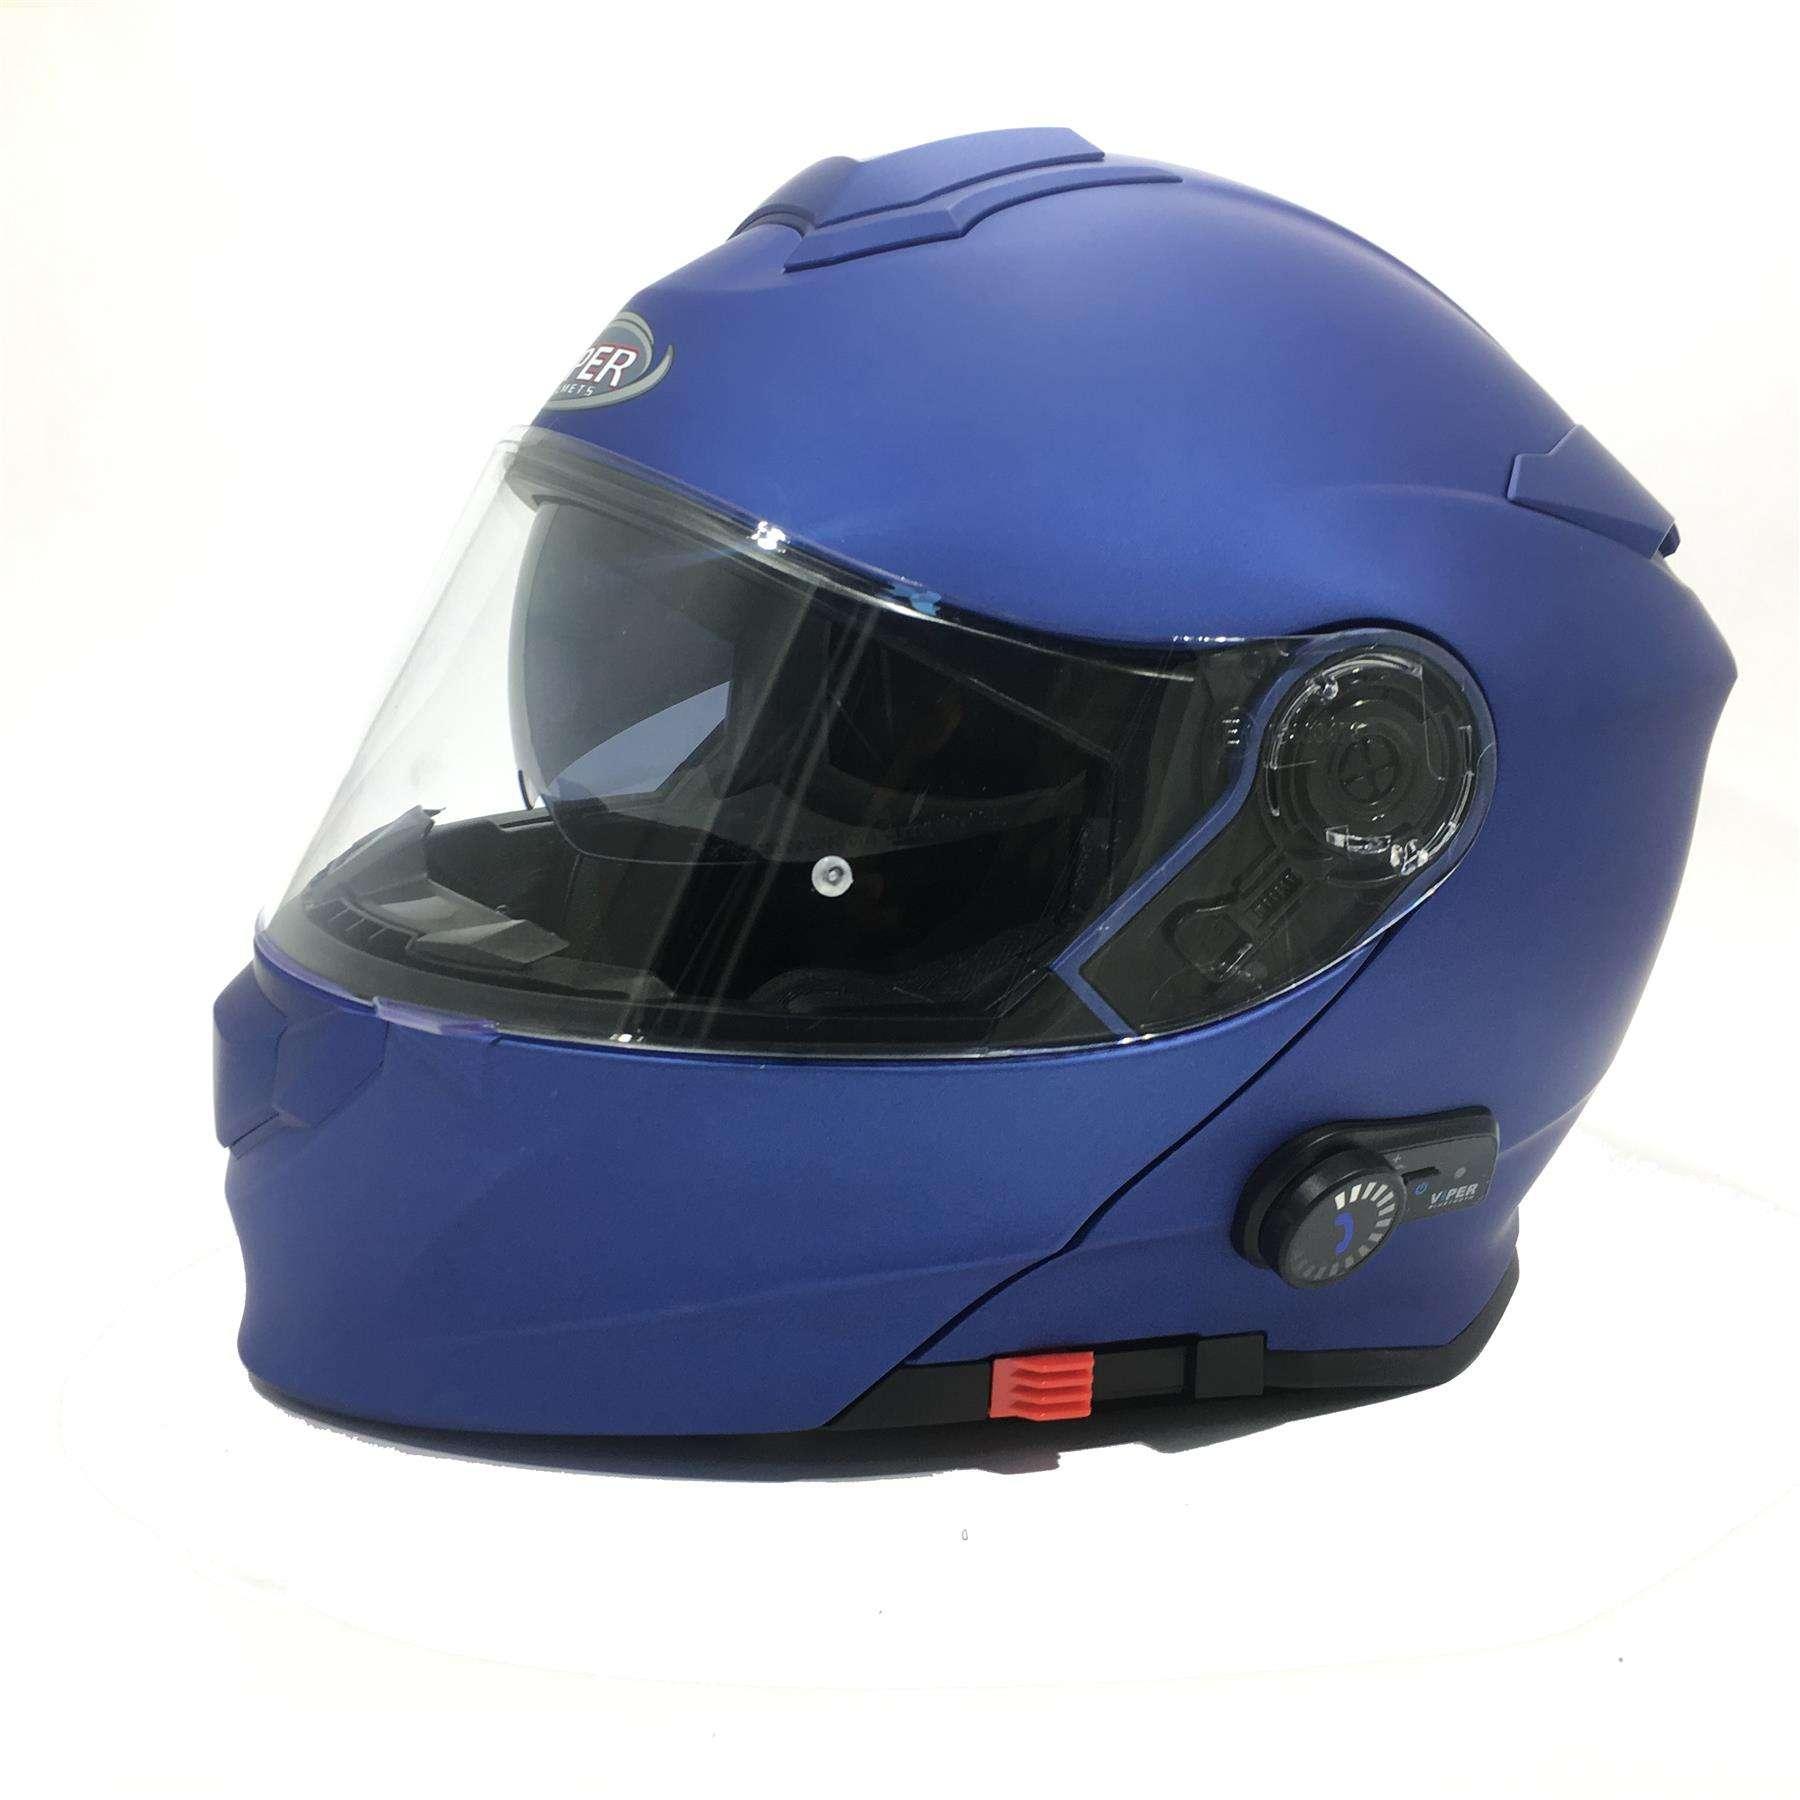 VIPER RS-V171 BLUETOOTH FLIP FRONT MOTORCYCLE HELMET SPLINE MEDIUM